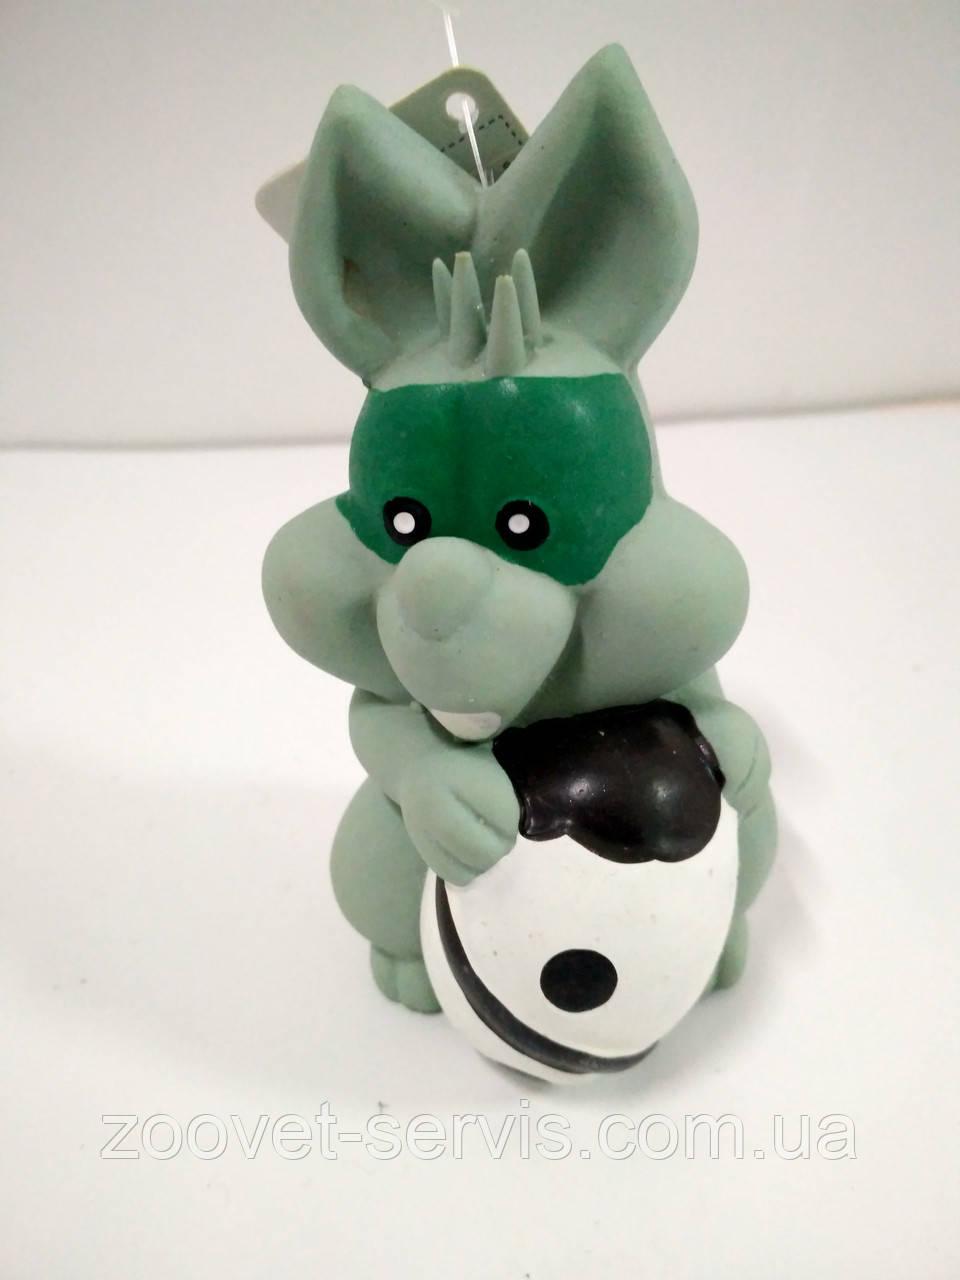 Игрушка для мелких собак Заяц CaniAMici в C6098976